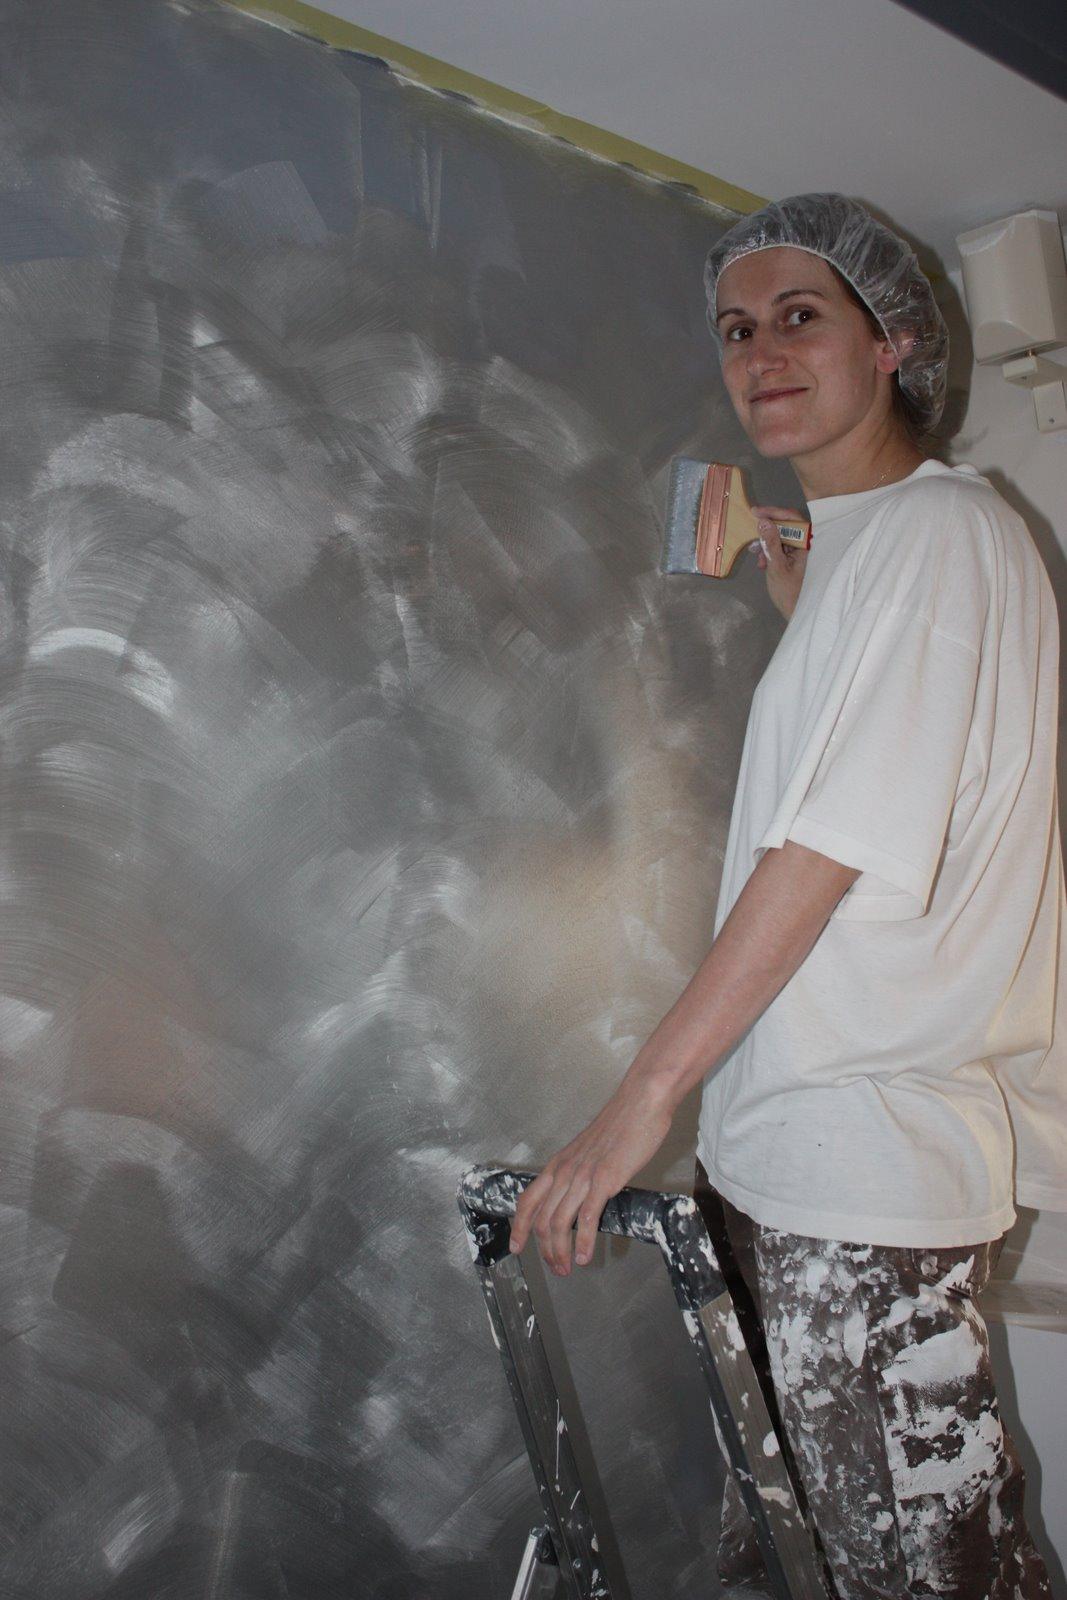 Mob ossature bois isolation energie domotique bbc knx alsace s - Peindre les toilettes ...